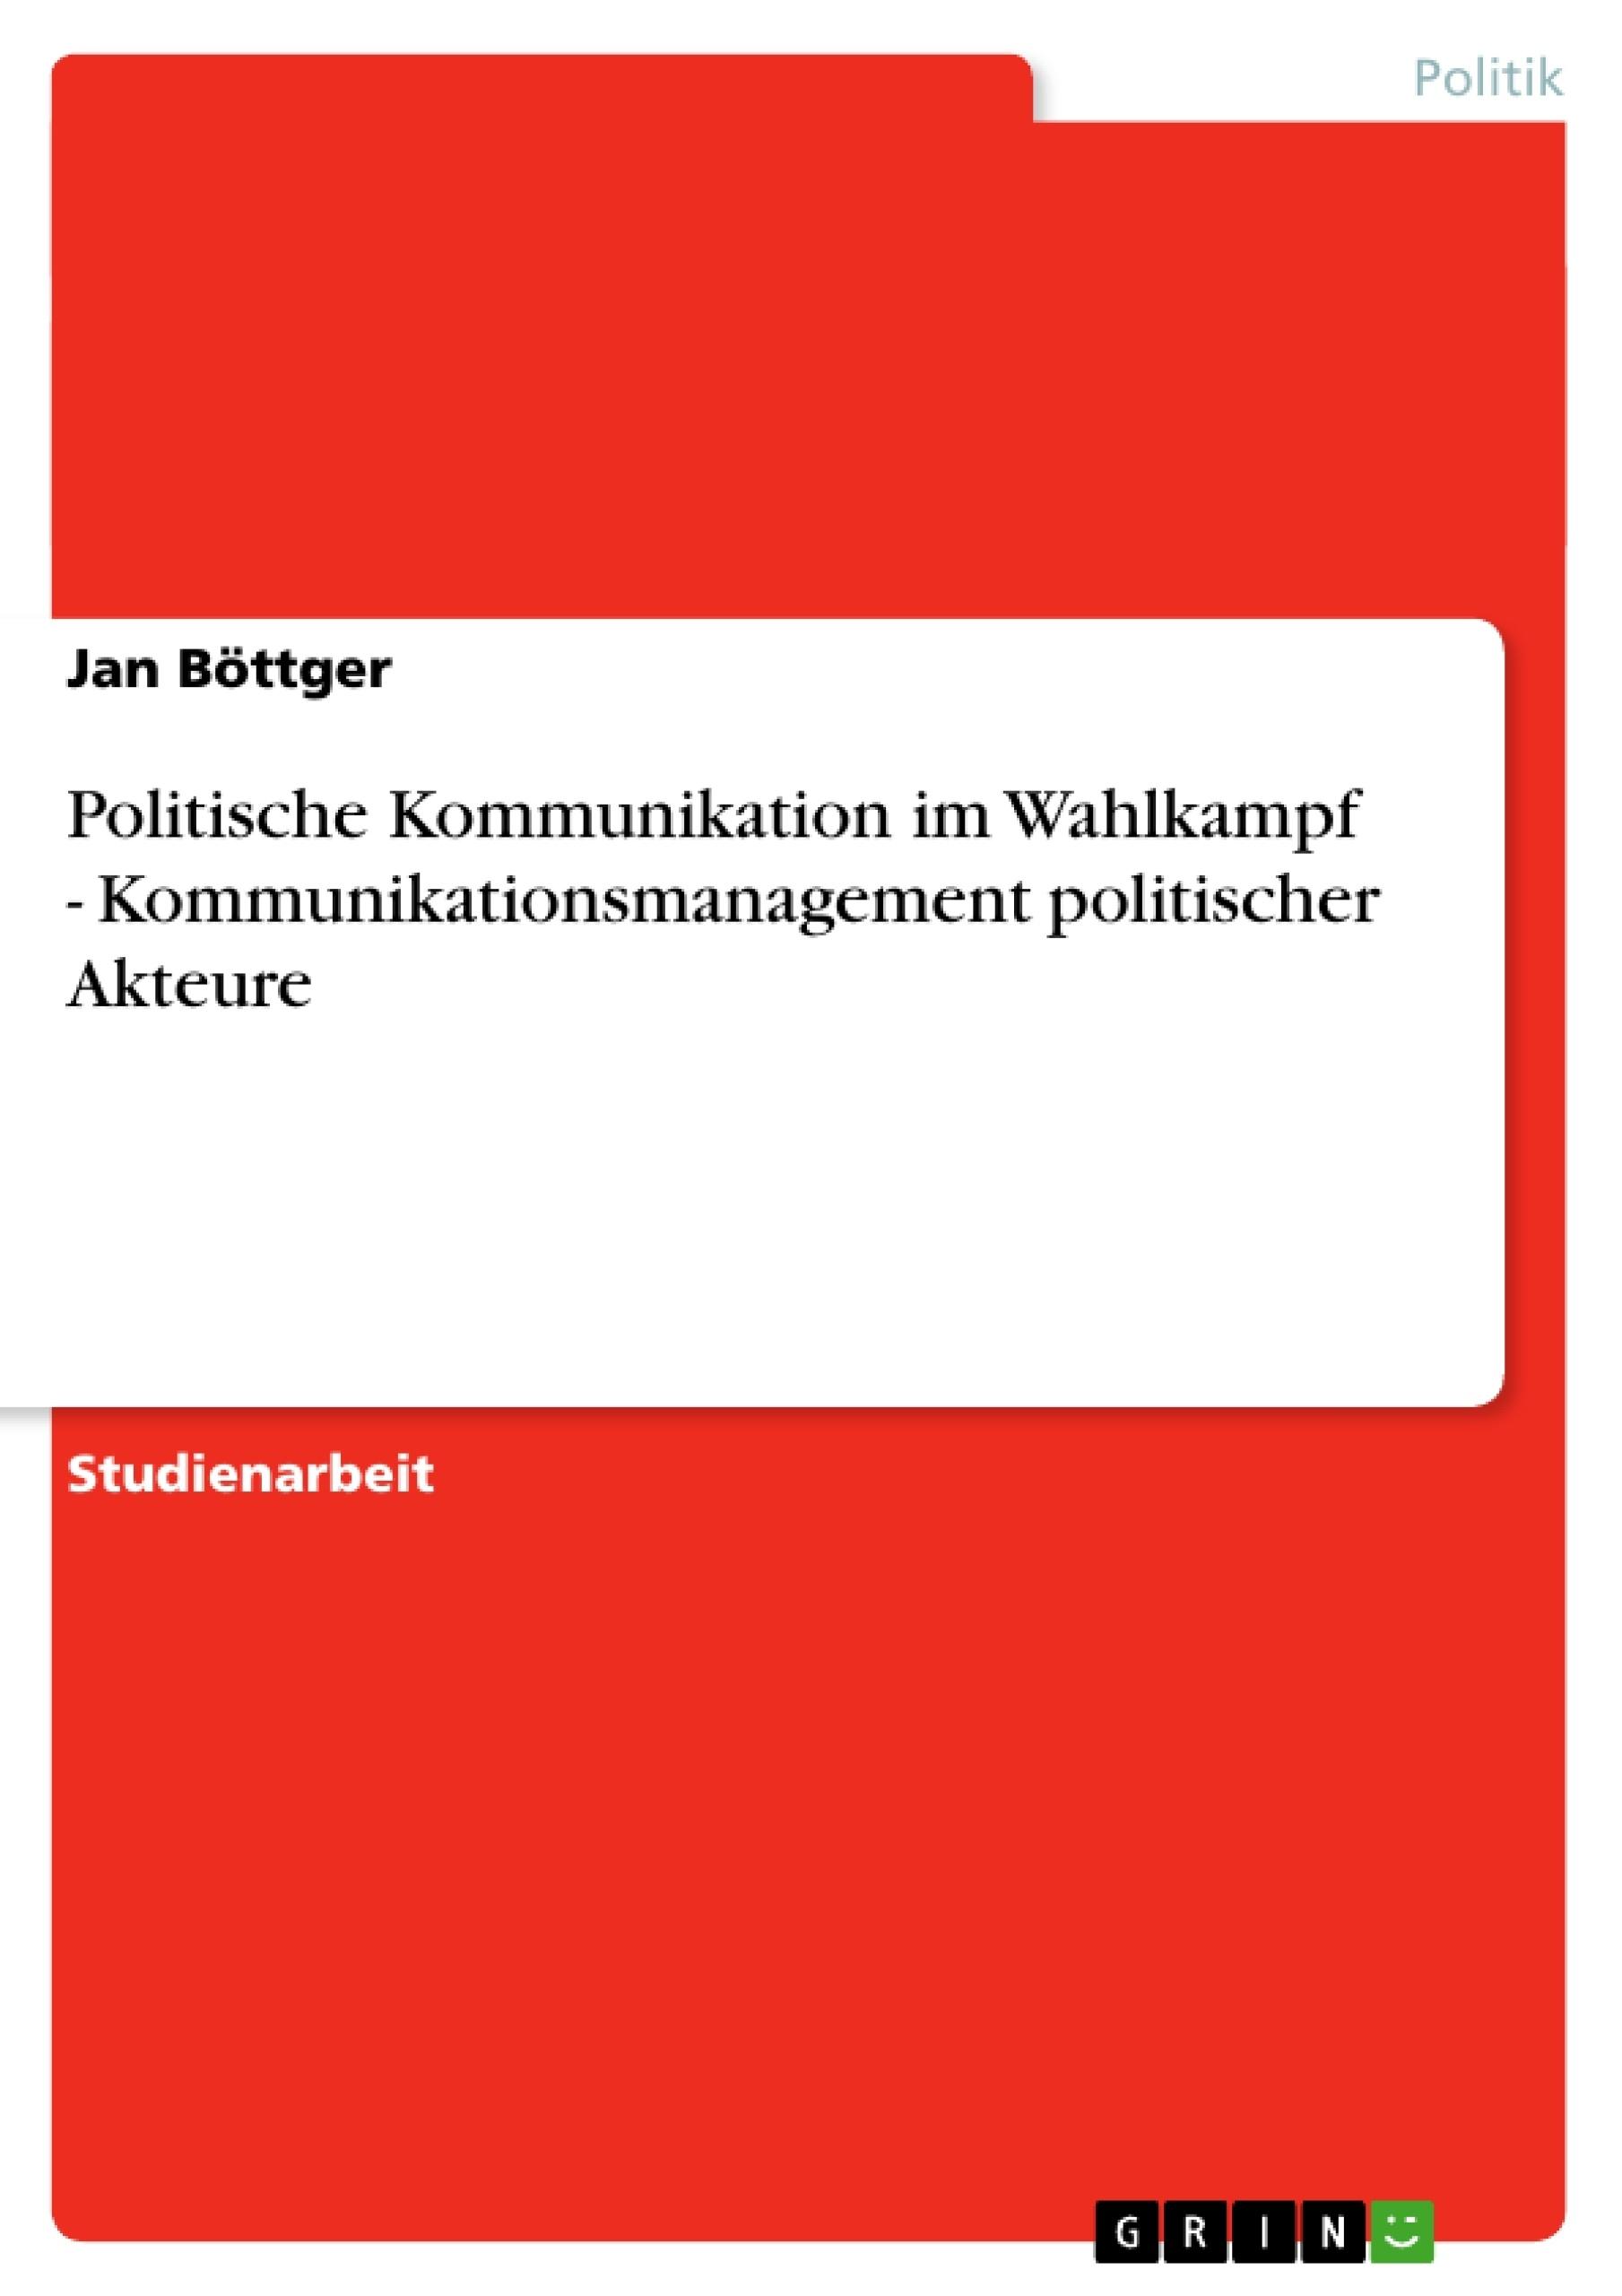 Titel: Politische Kommunikation im Wahlkampf - Kommunikationsmanagement politischer Akteure